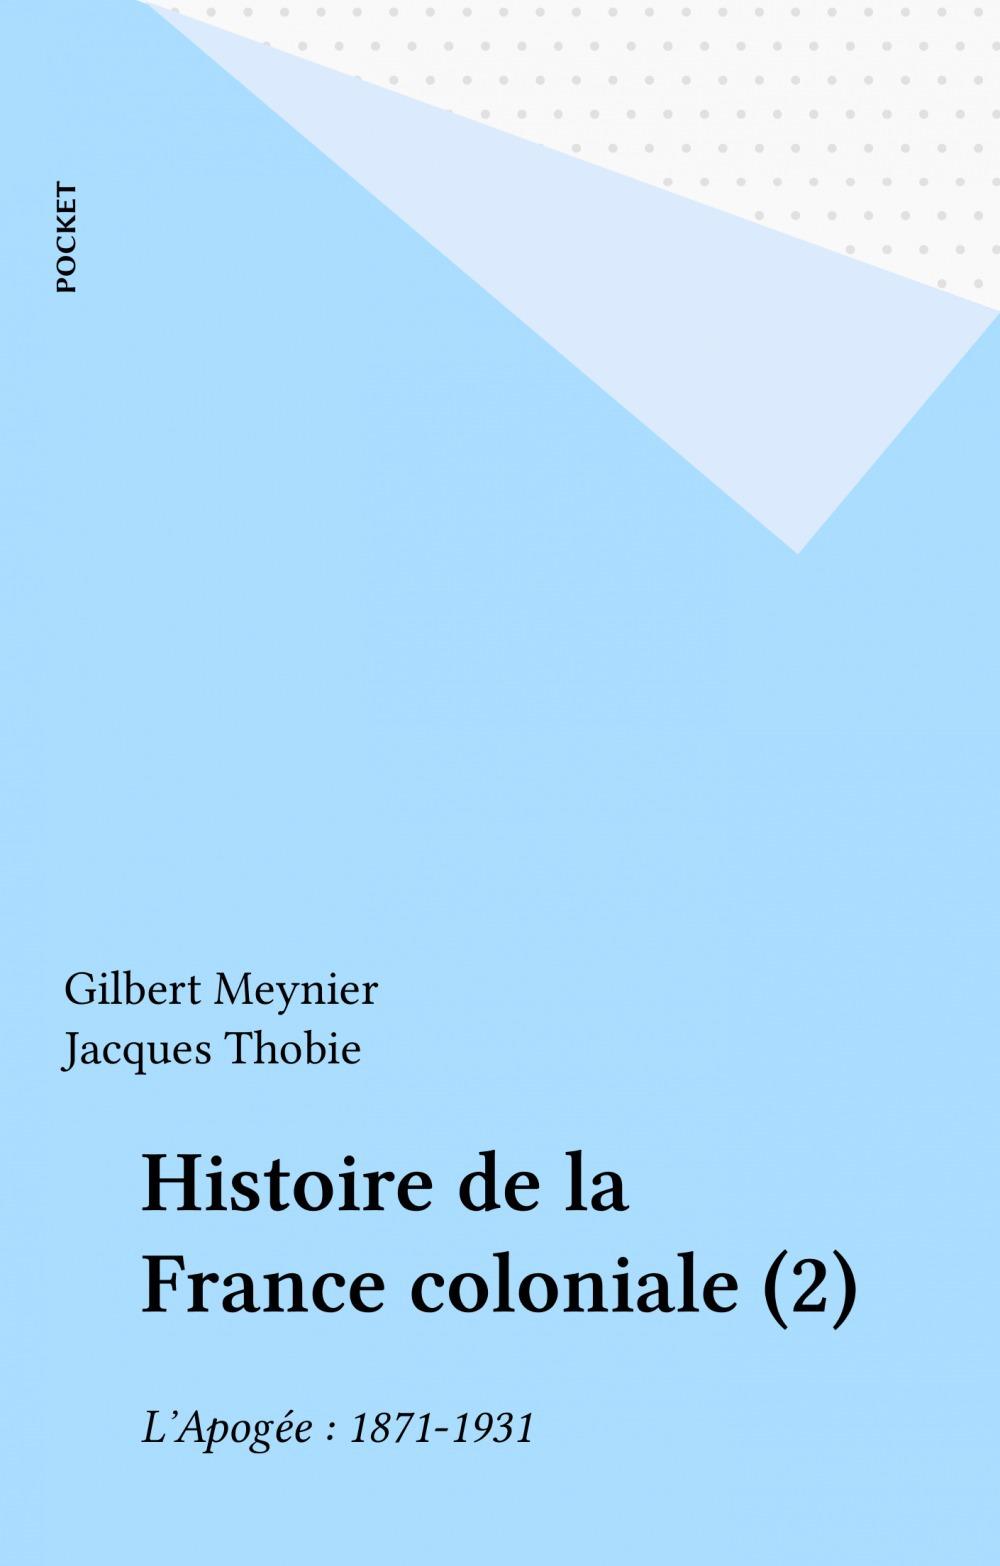 Histoire de la france coloniale t2